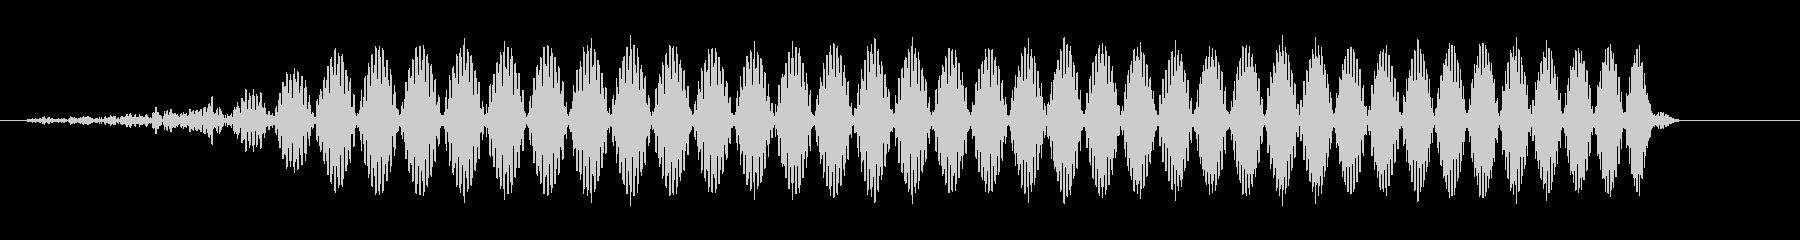 ブーン(上がり調子な近未来電子音)の未再生の波形